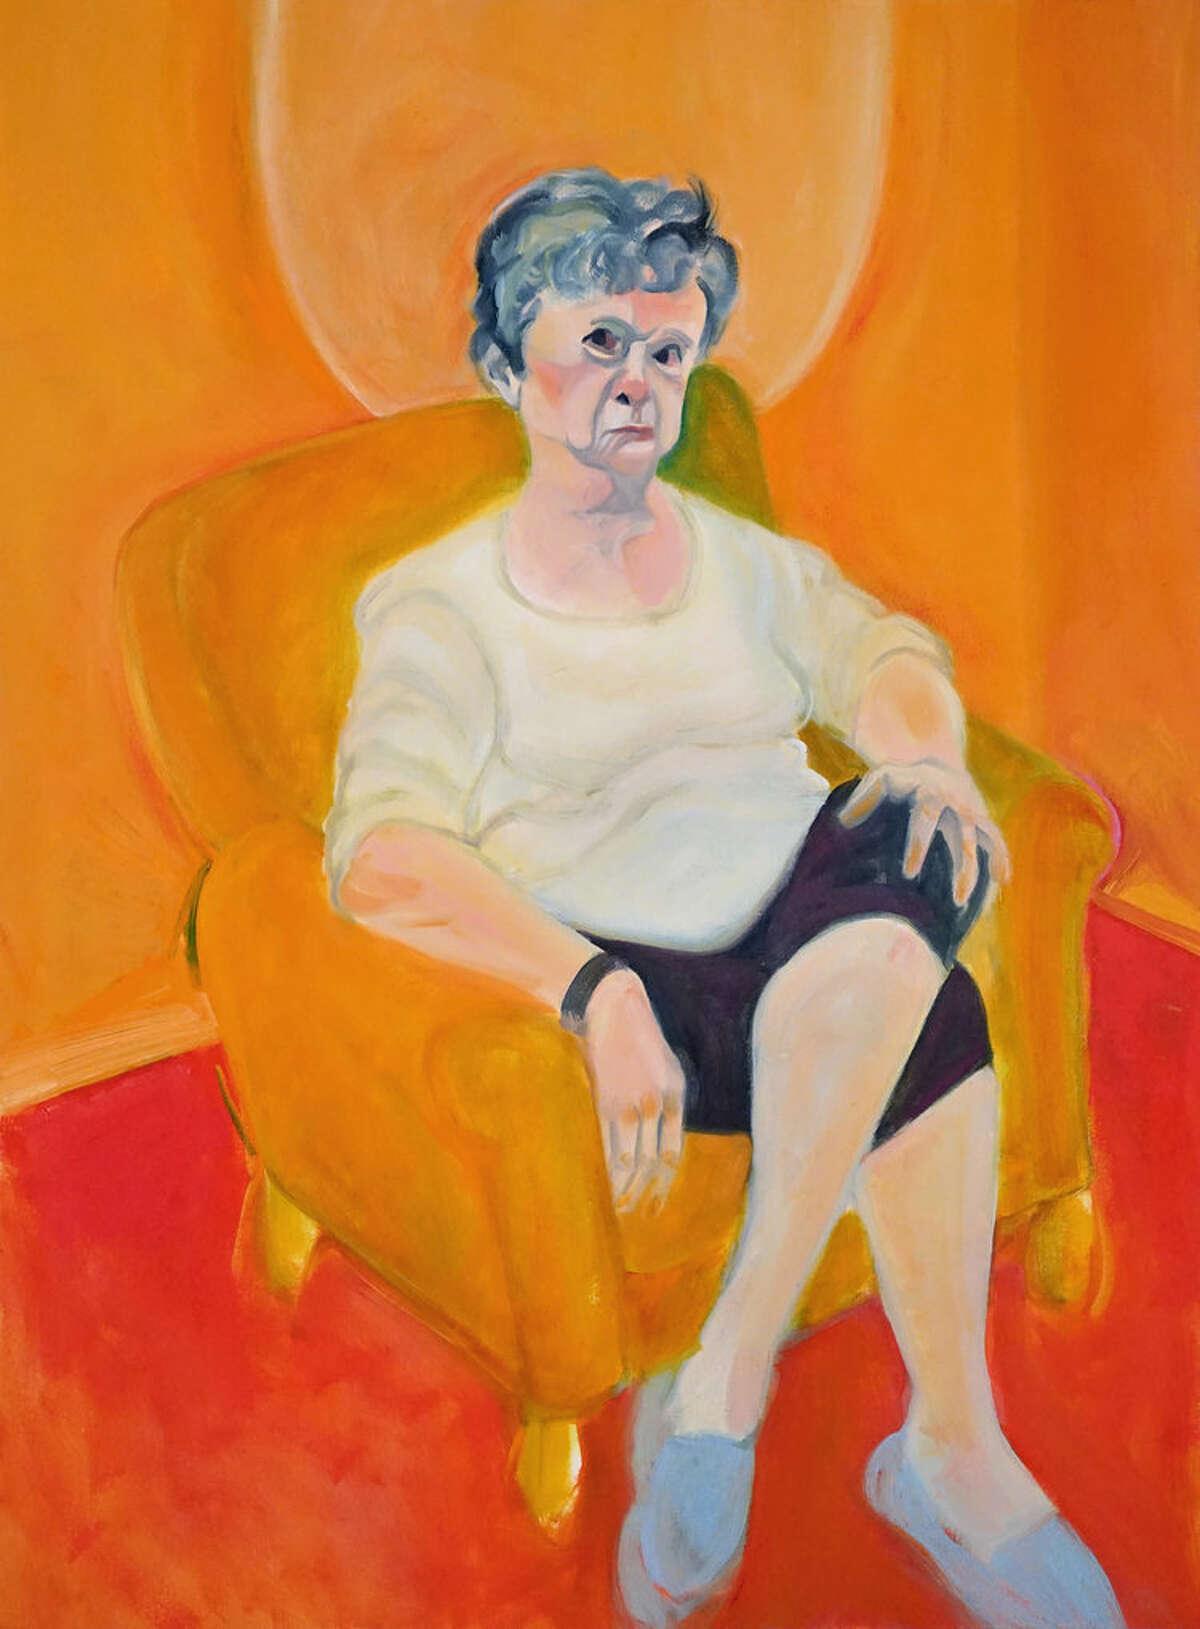 """Kathy Drago's figurative painting """"I Am So UPSET!"""" also won."""